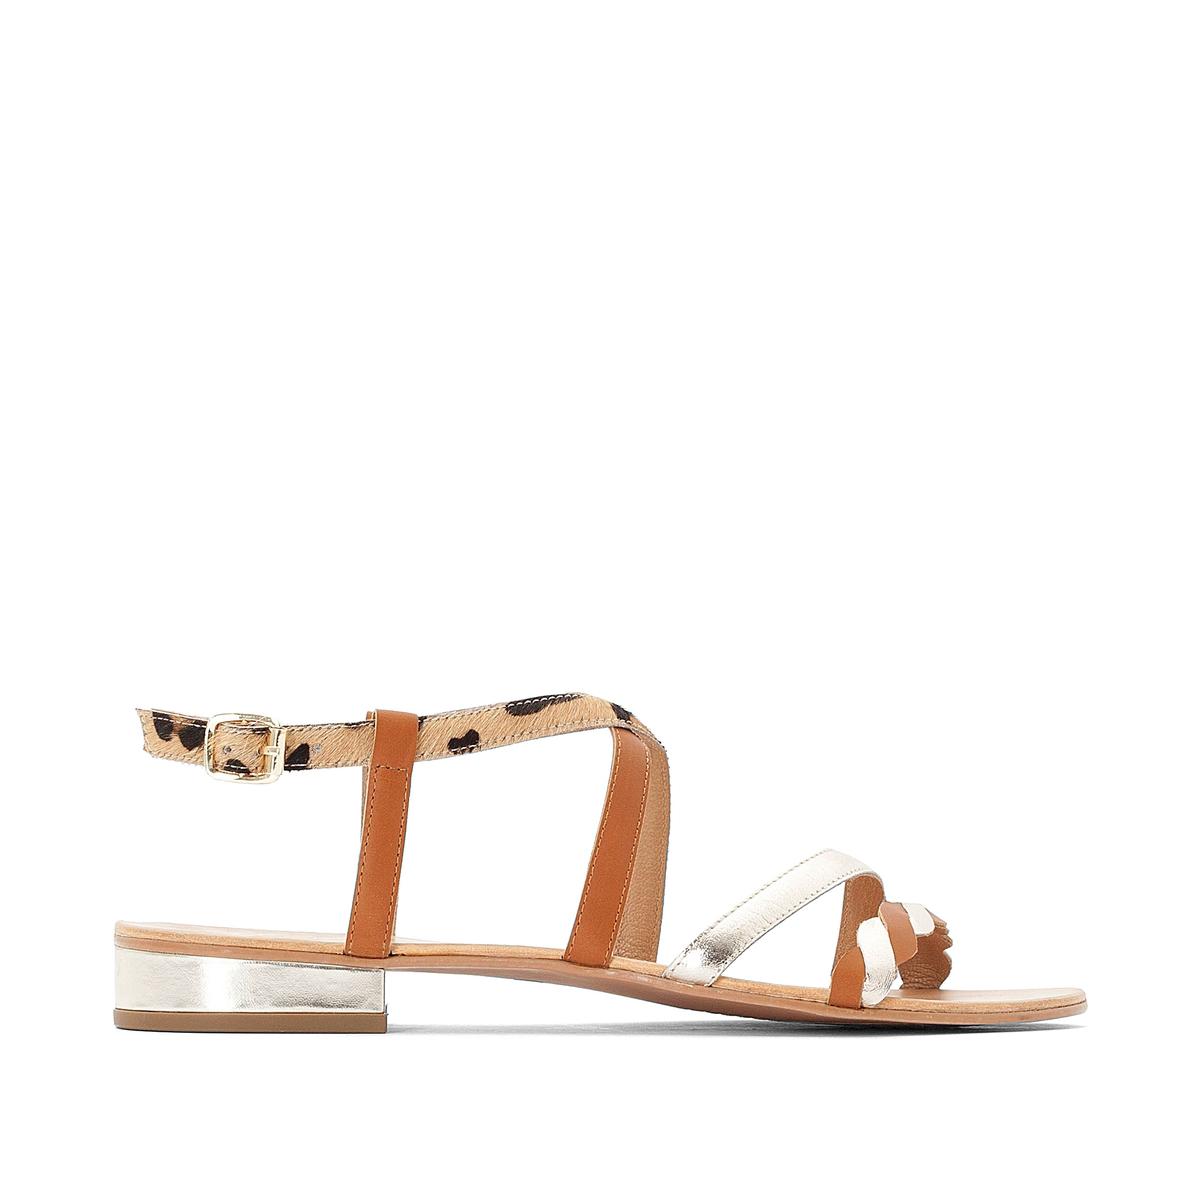 Sandálias em pele, com detalhe leopardo